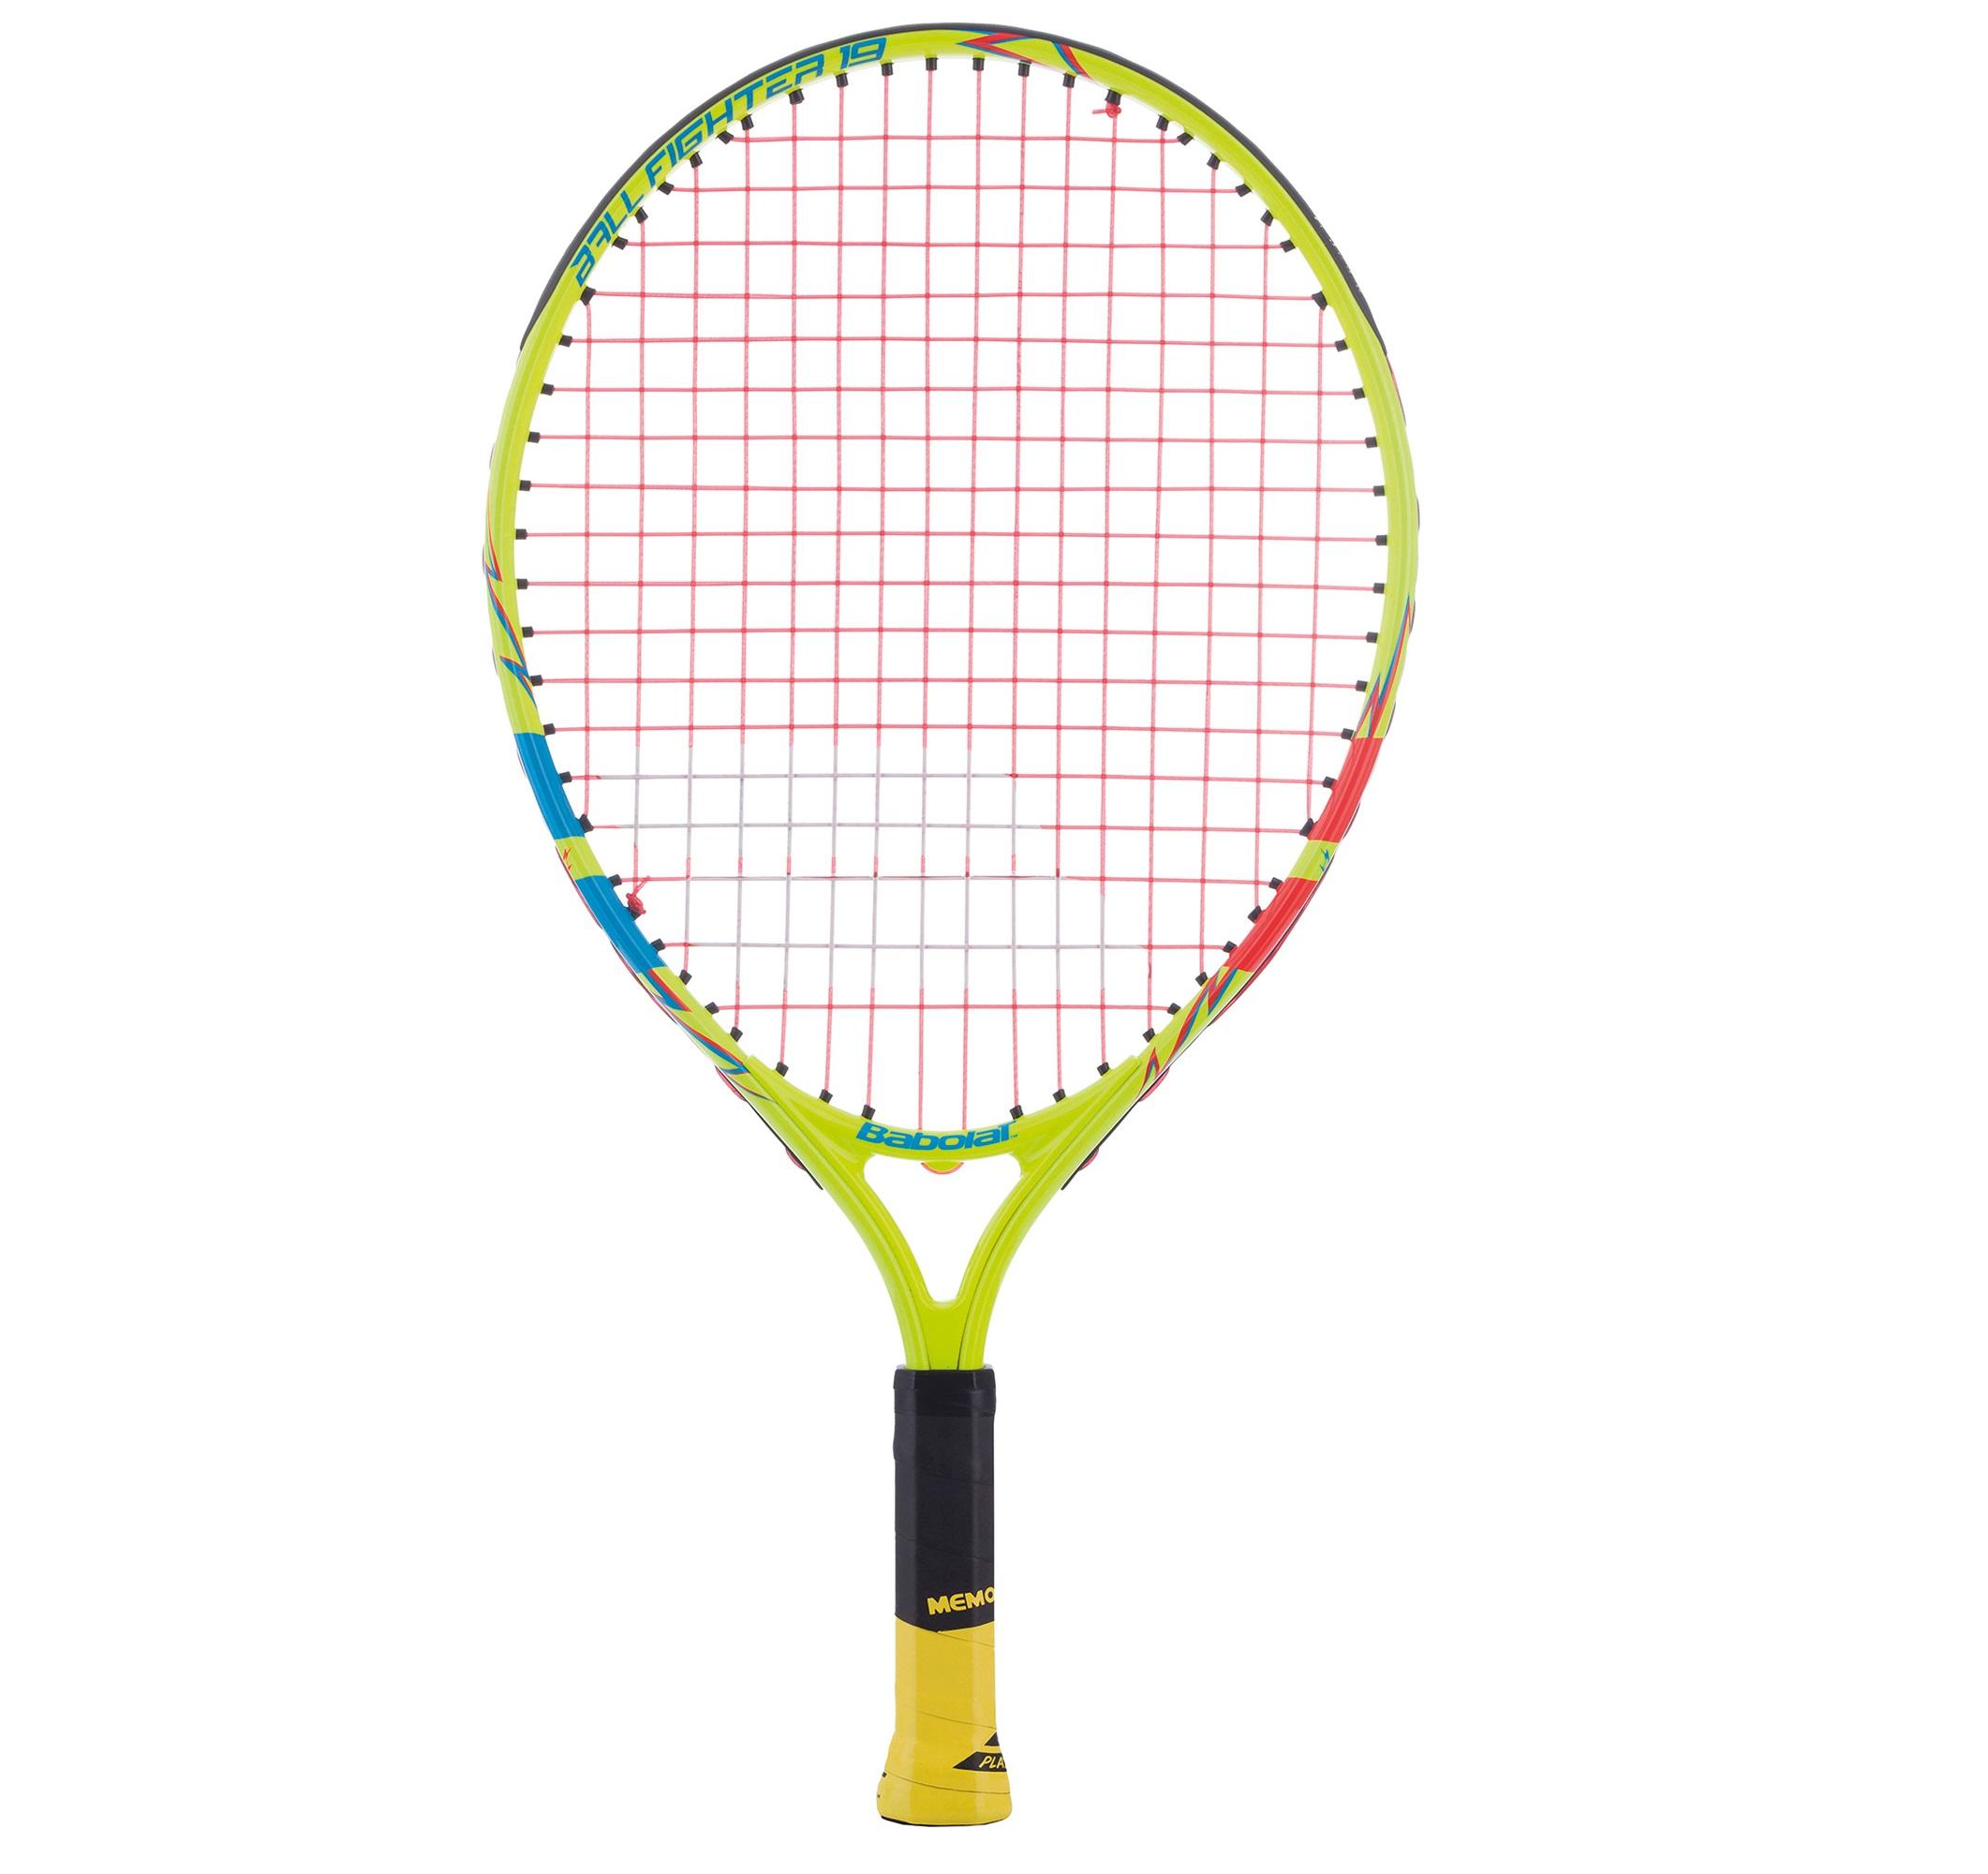 Babolat Ракетка для большого тенниса детская Babolat Ballfighter 19 babolat набор мячей для большого тенниса babolat championship x3 размер без размера